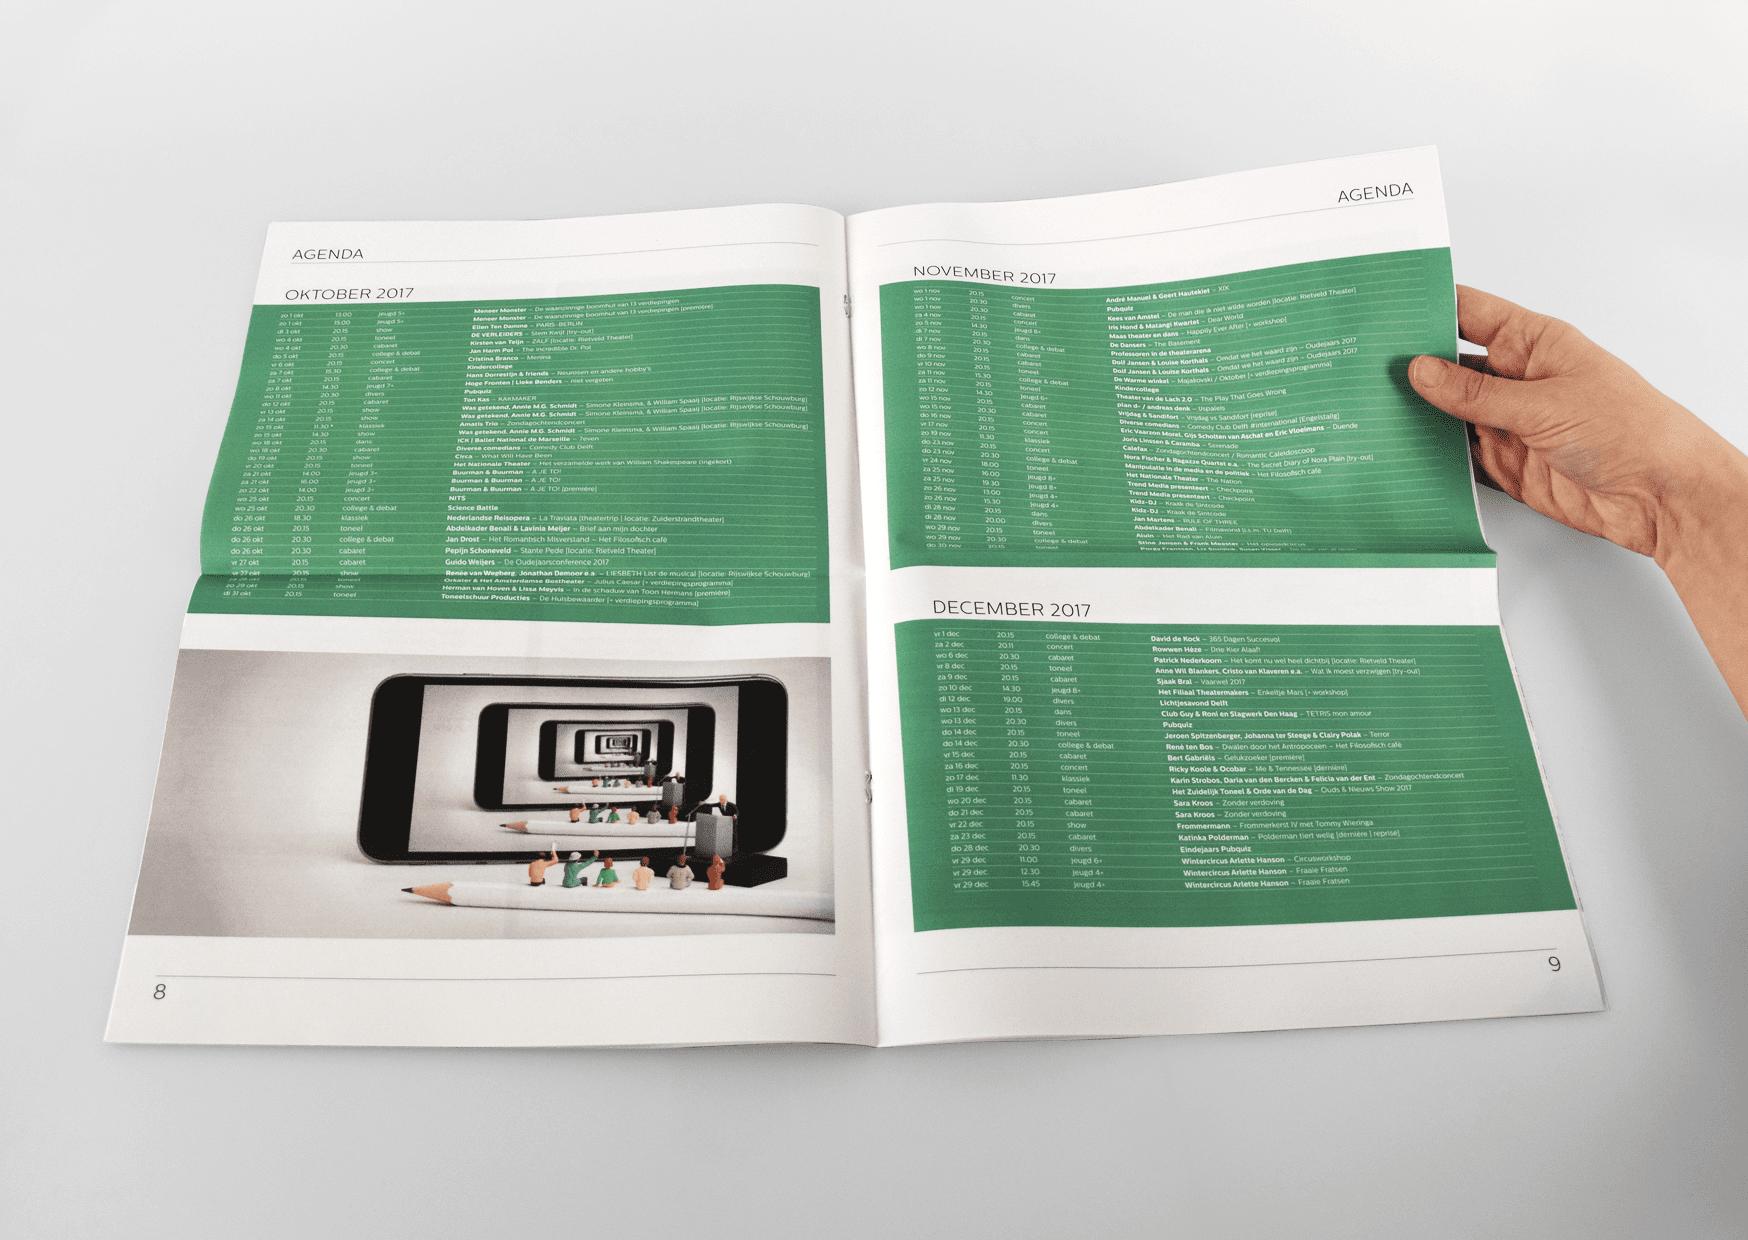 Theater de Veste, Seizoen 17 18, Studio Enkelvoud, seizoensbrochure, toneel, campagnebeeld, grafisch ontwerp, fotografie, miniatuur, miniature, theaterkrant, seizoenskrant, 2017, 2018